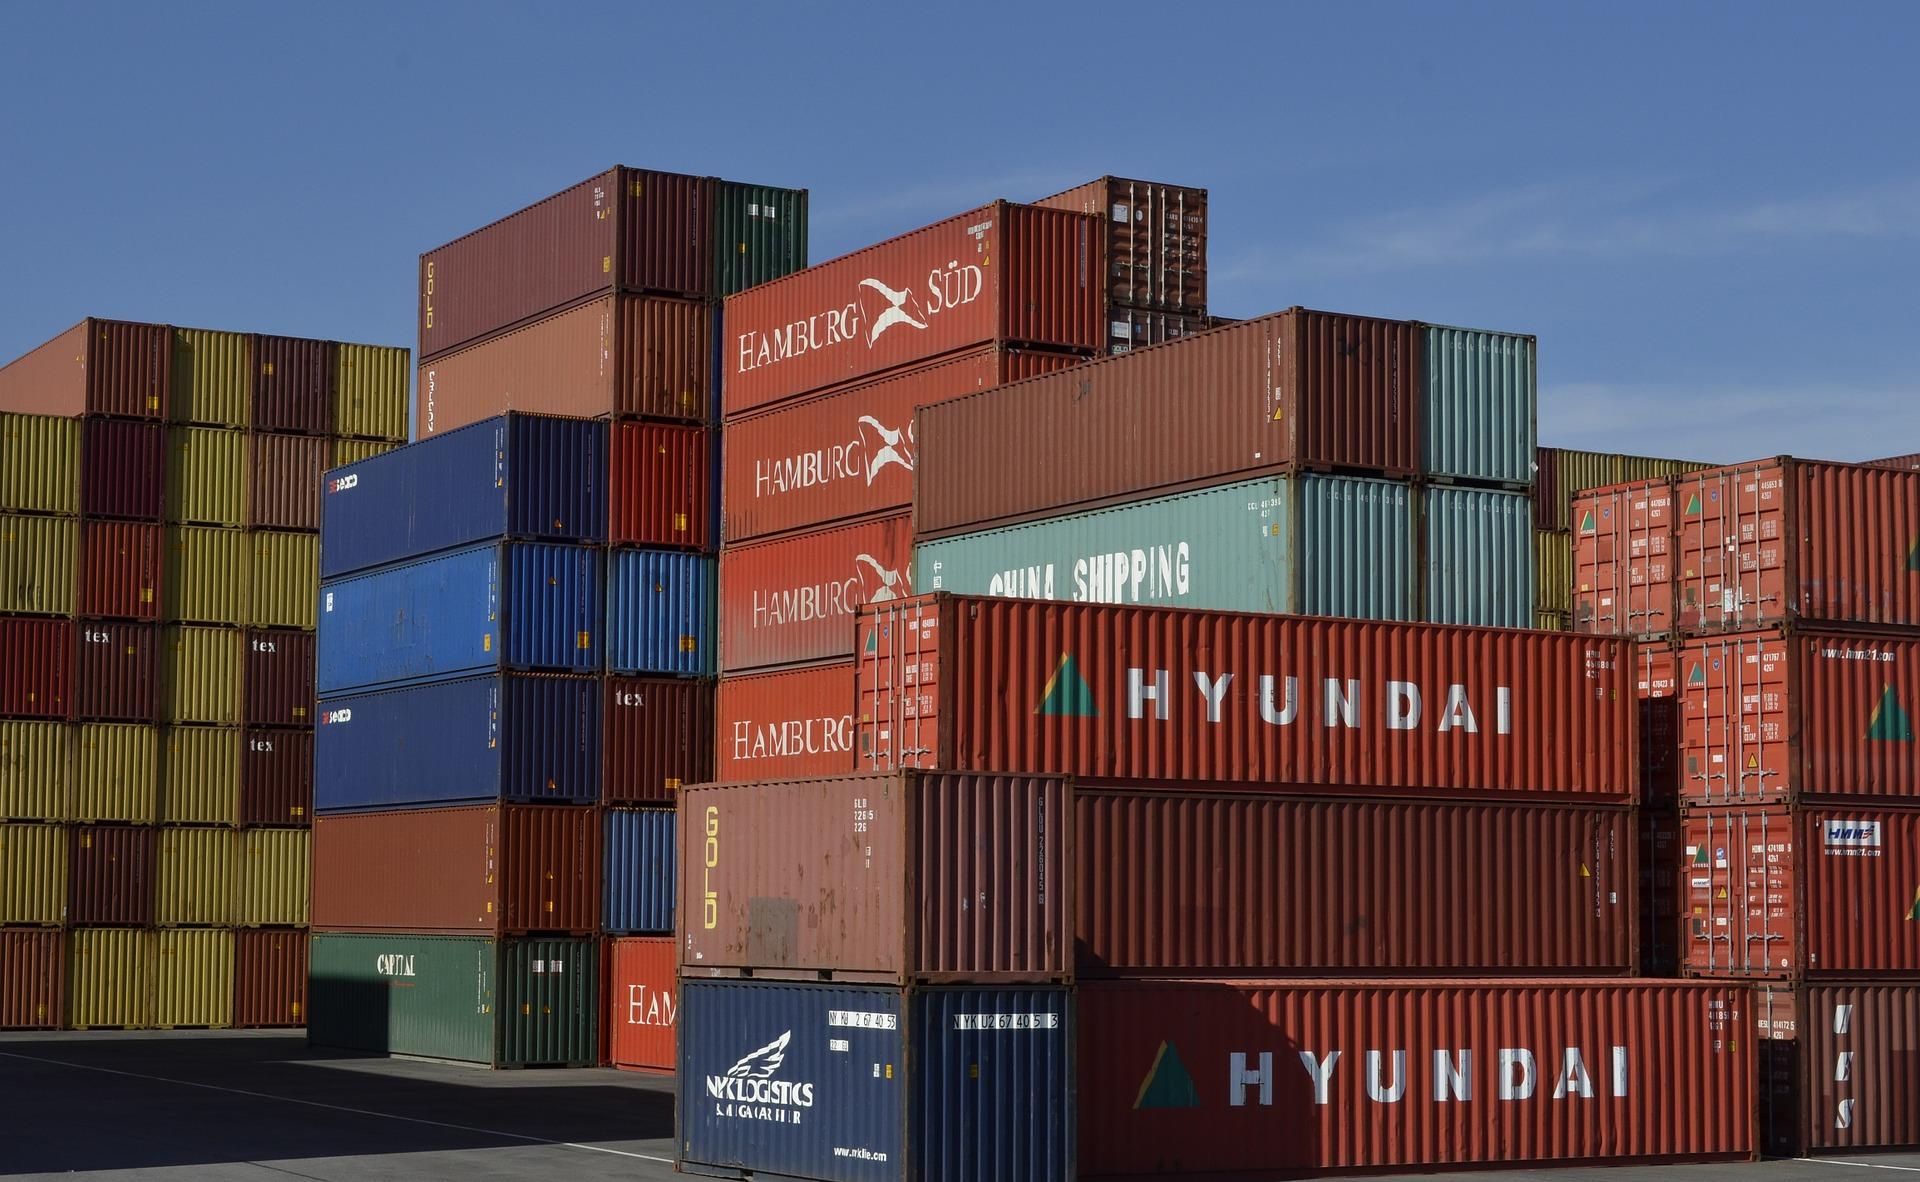 Der wegen Einfuhrbeschränkungen nicht durchführbare Frachtvertrag